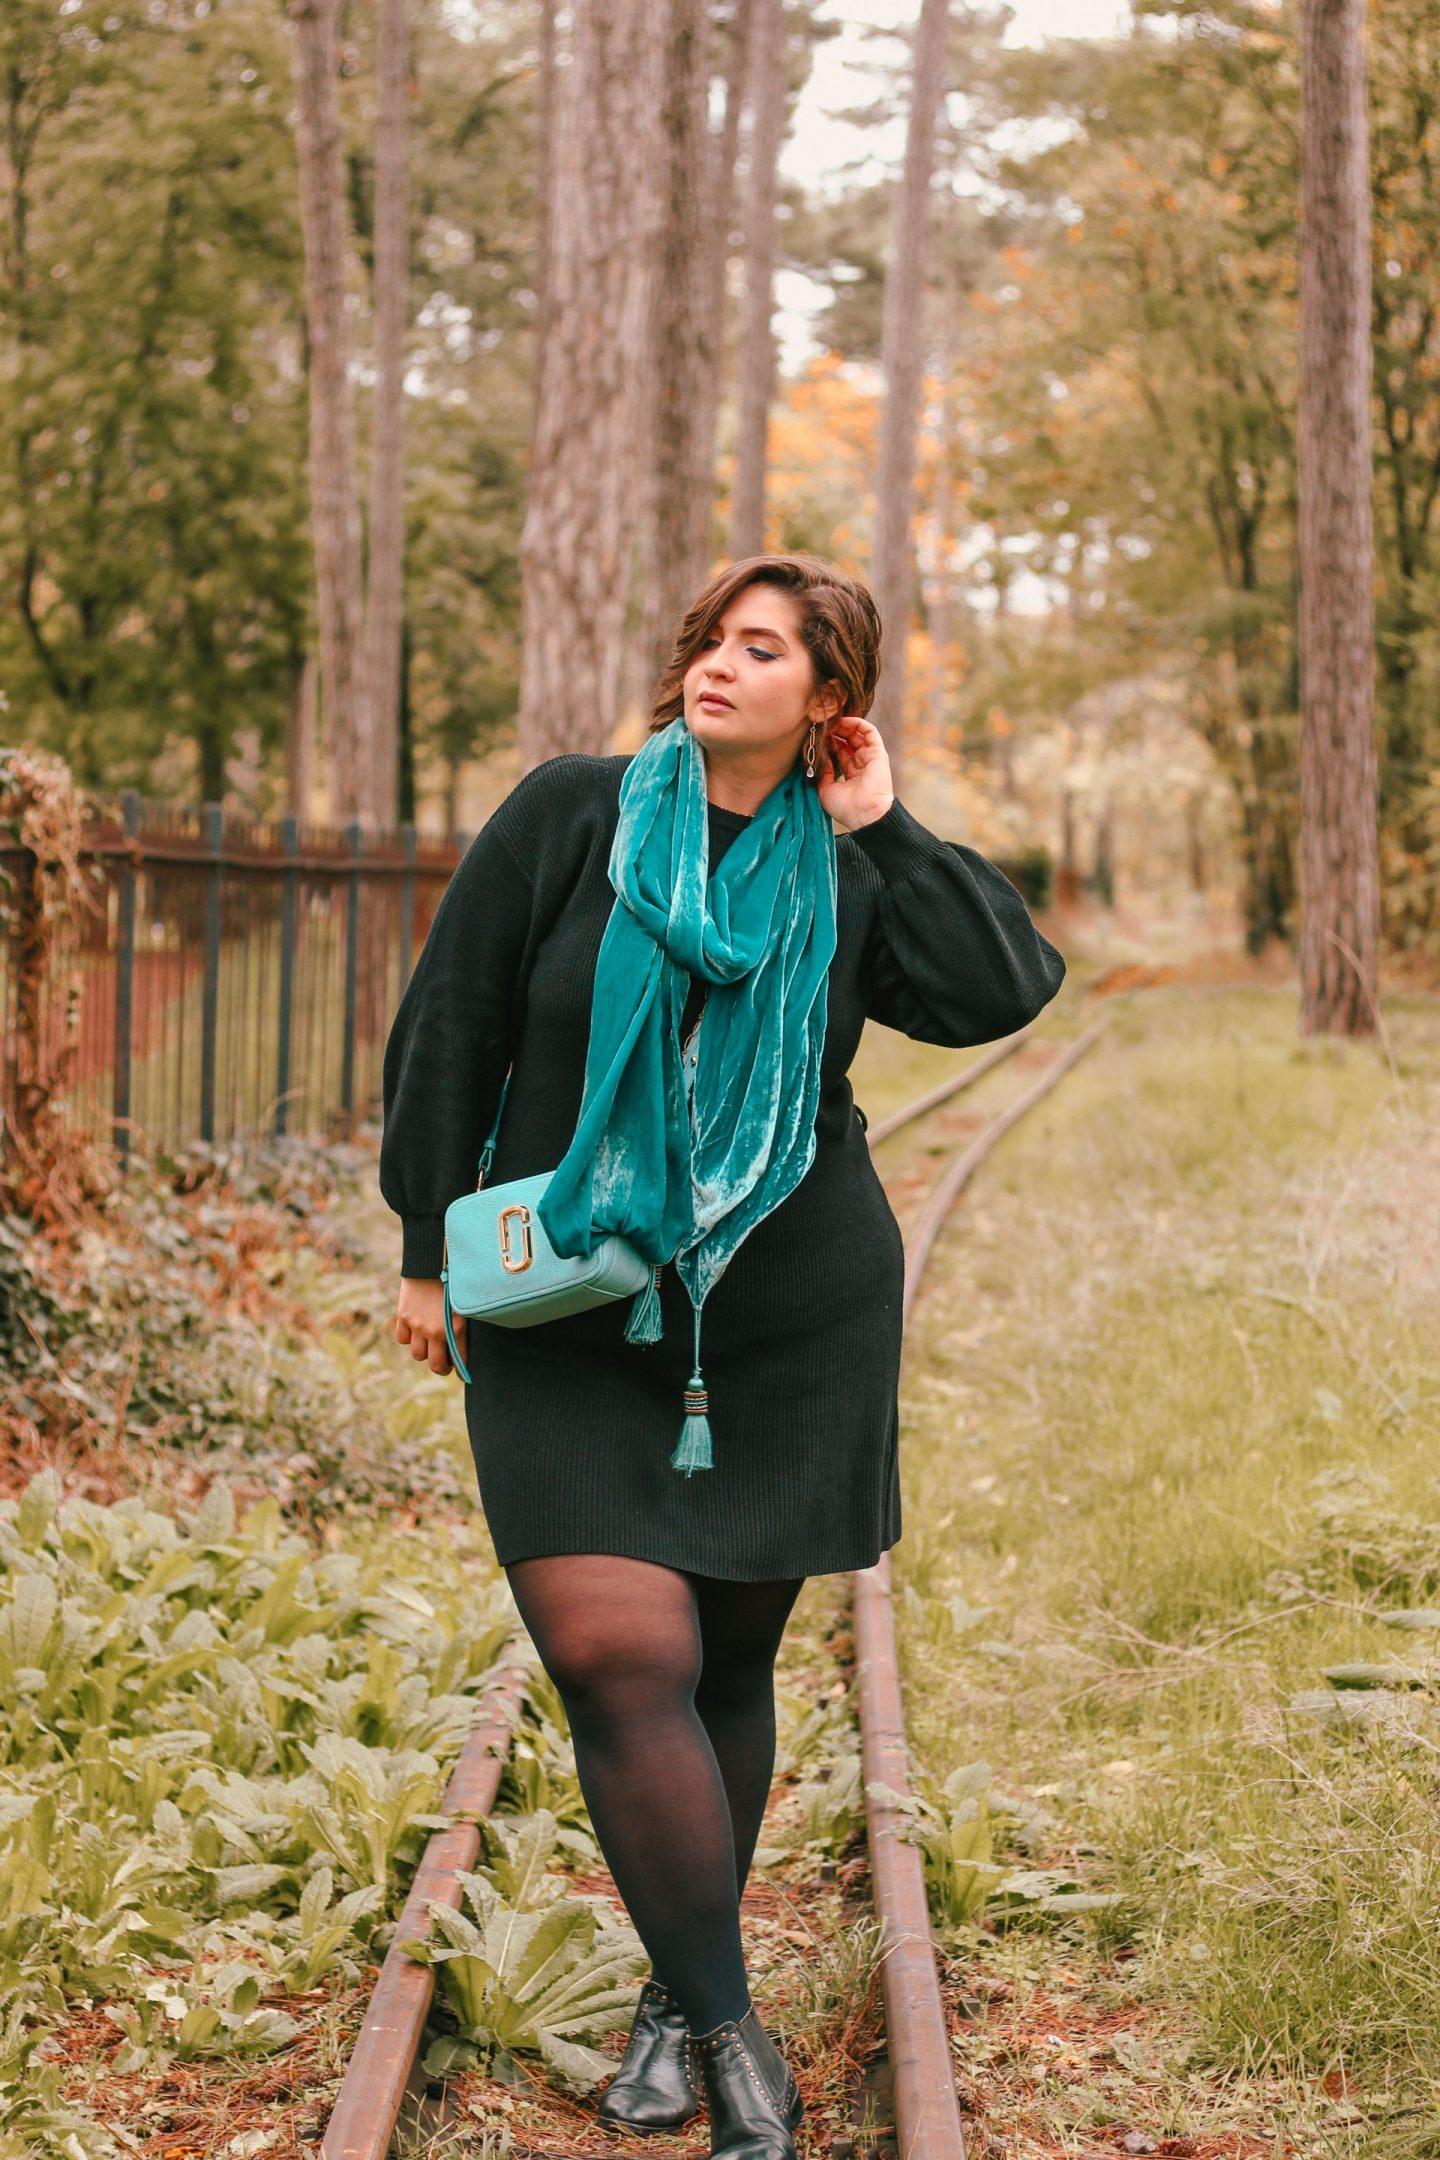 écharpe turquoise